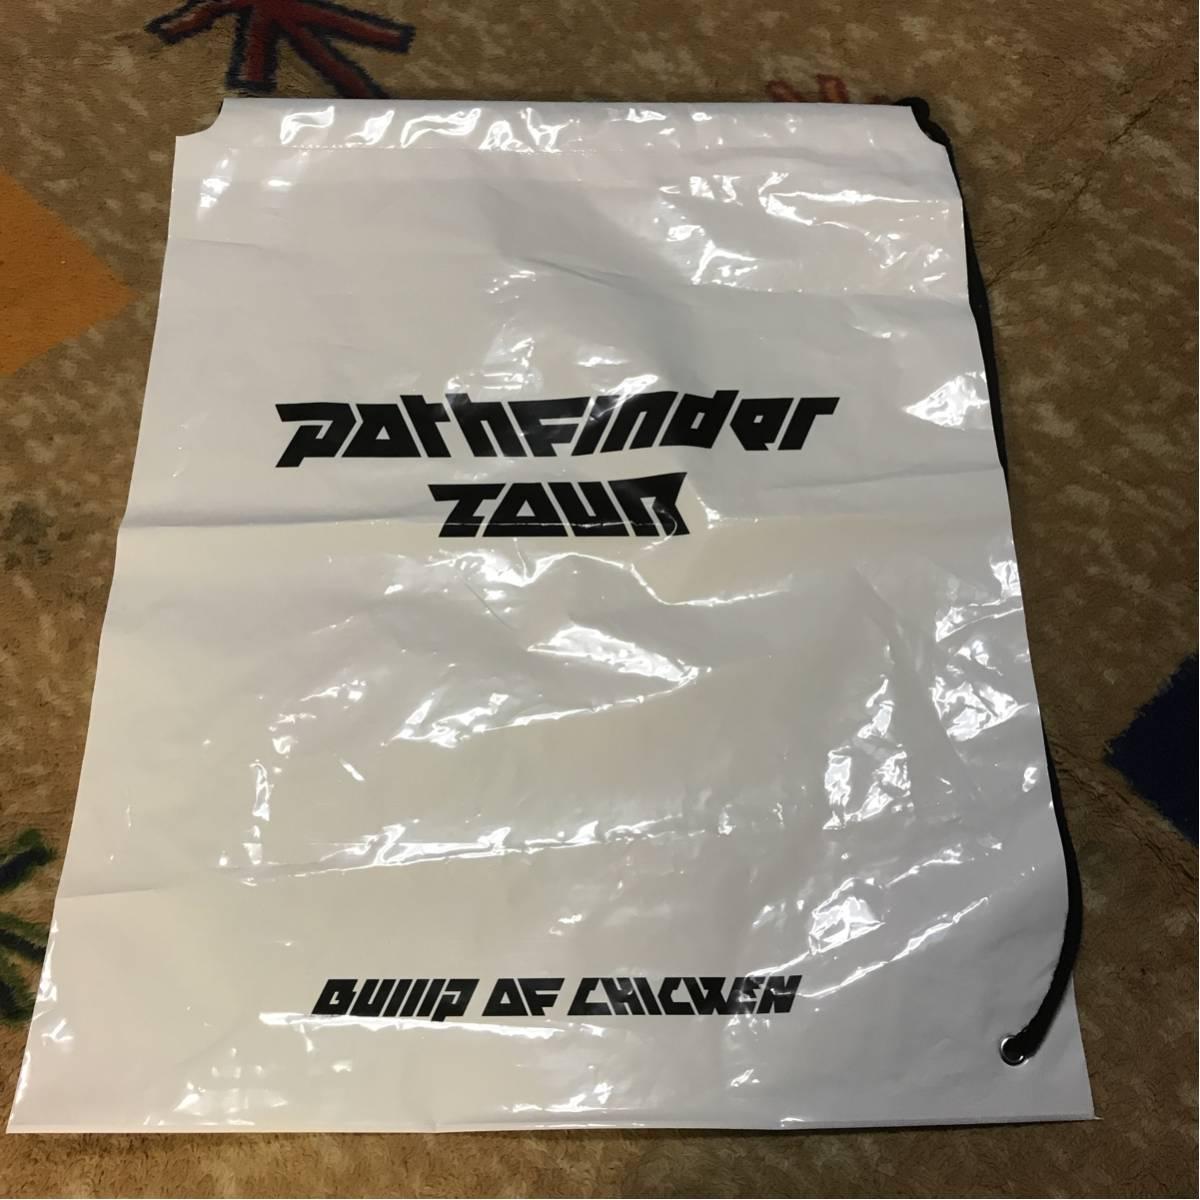 BUMP OF CHICKEN PATHFINDER TOUR ビニール袋 未使用